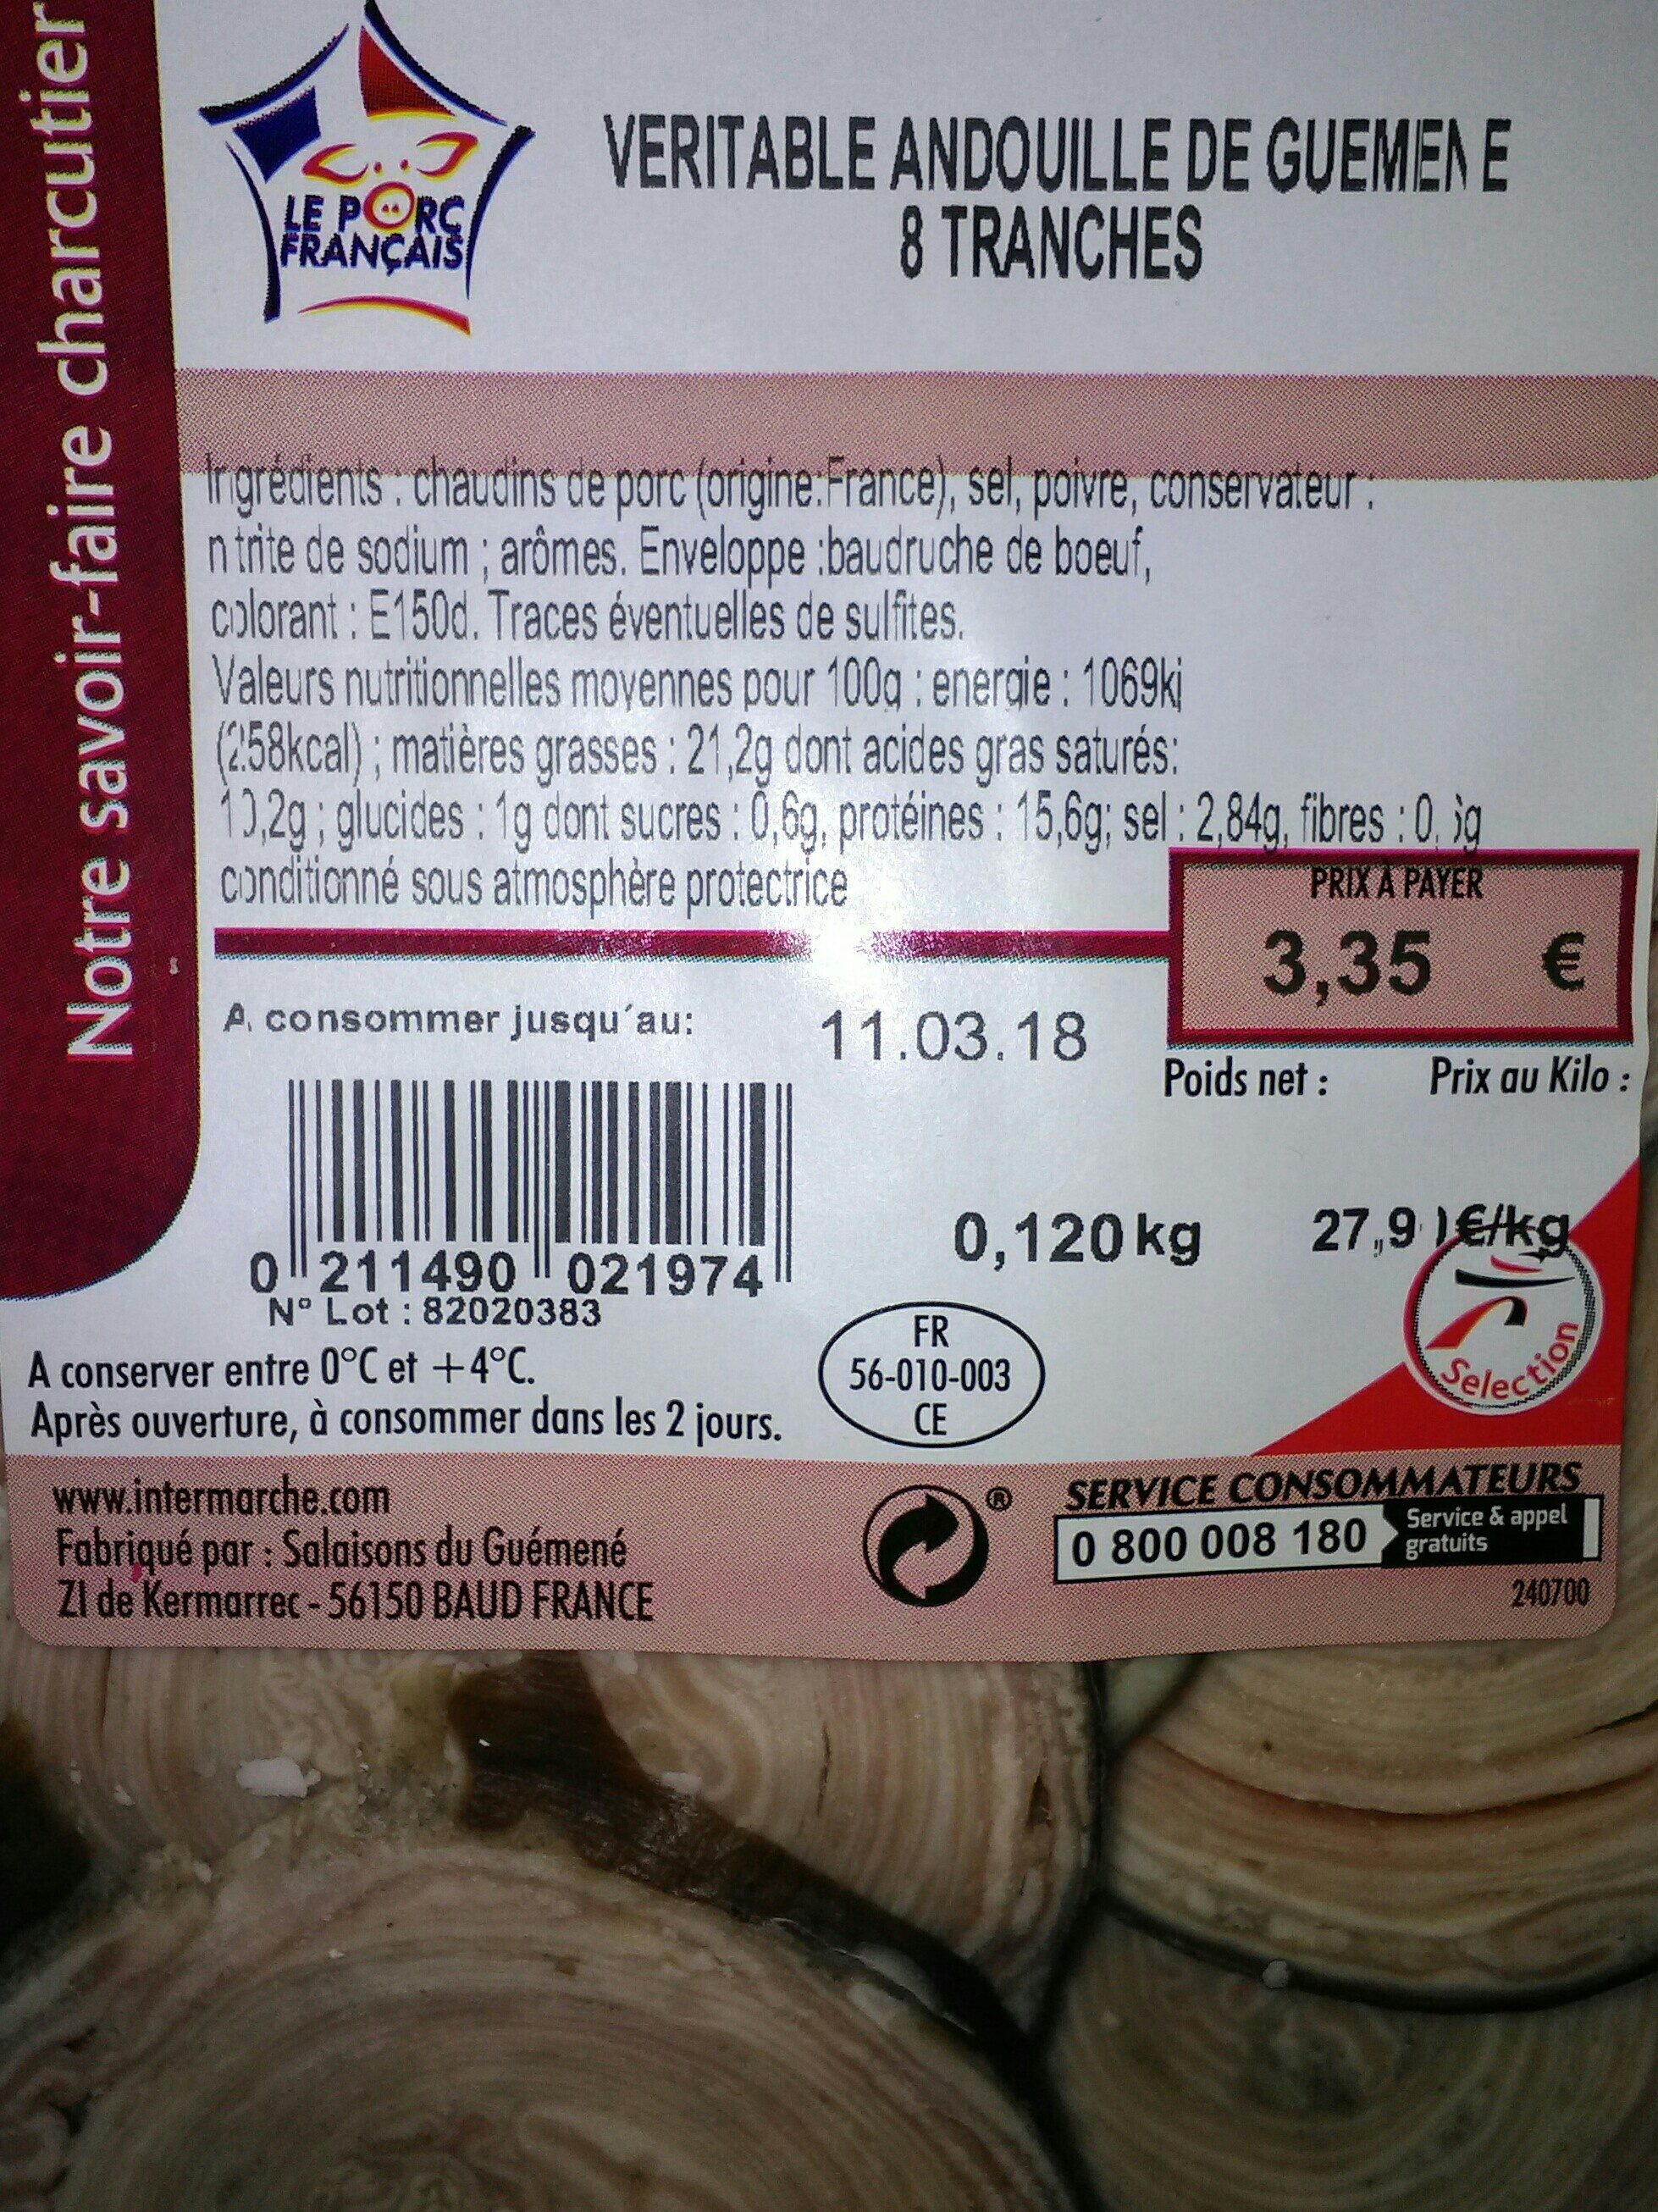 Véritable andouille de guémené - Ingrediënten